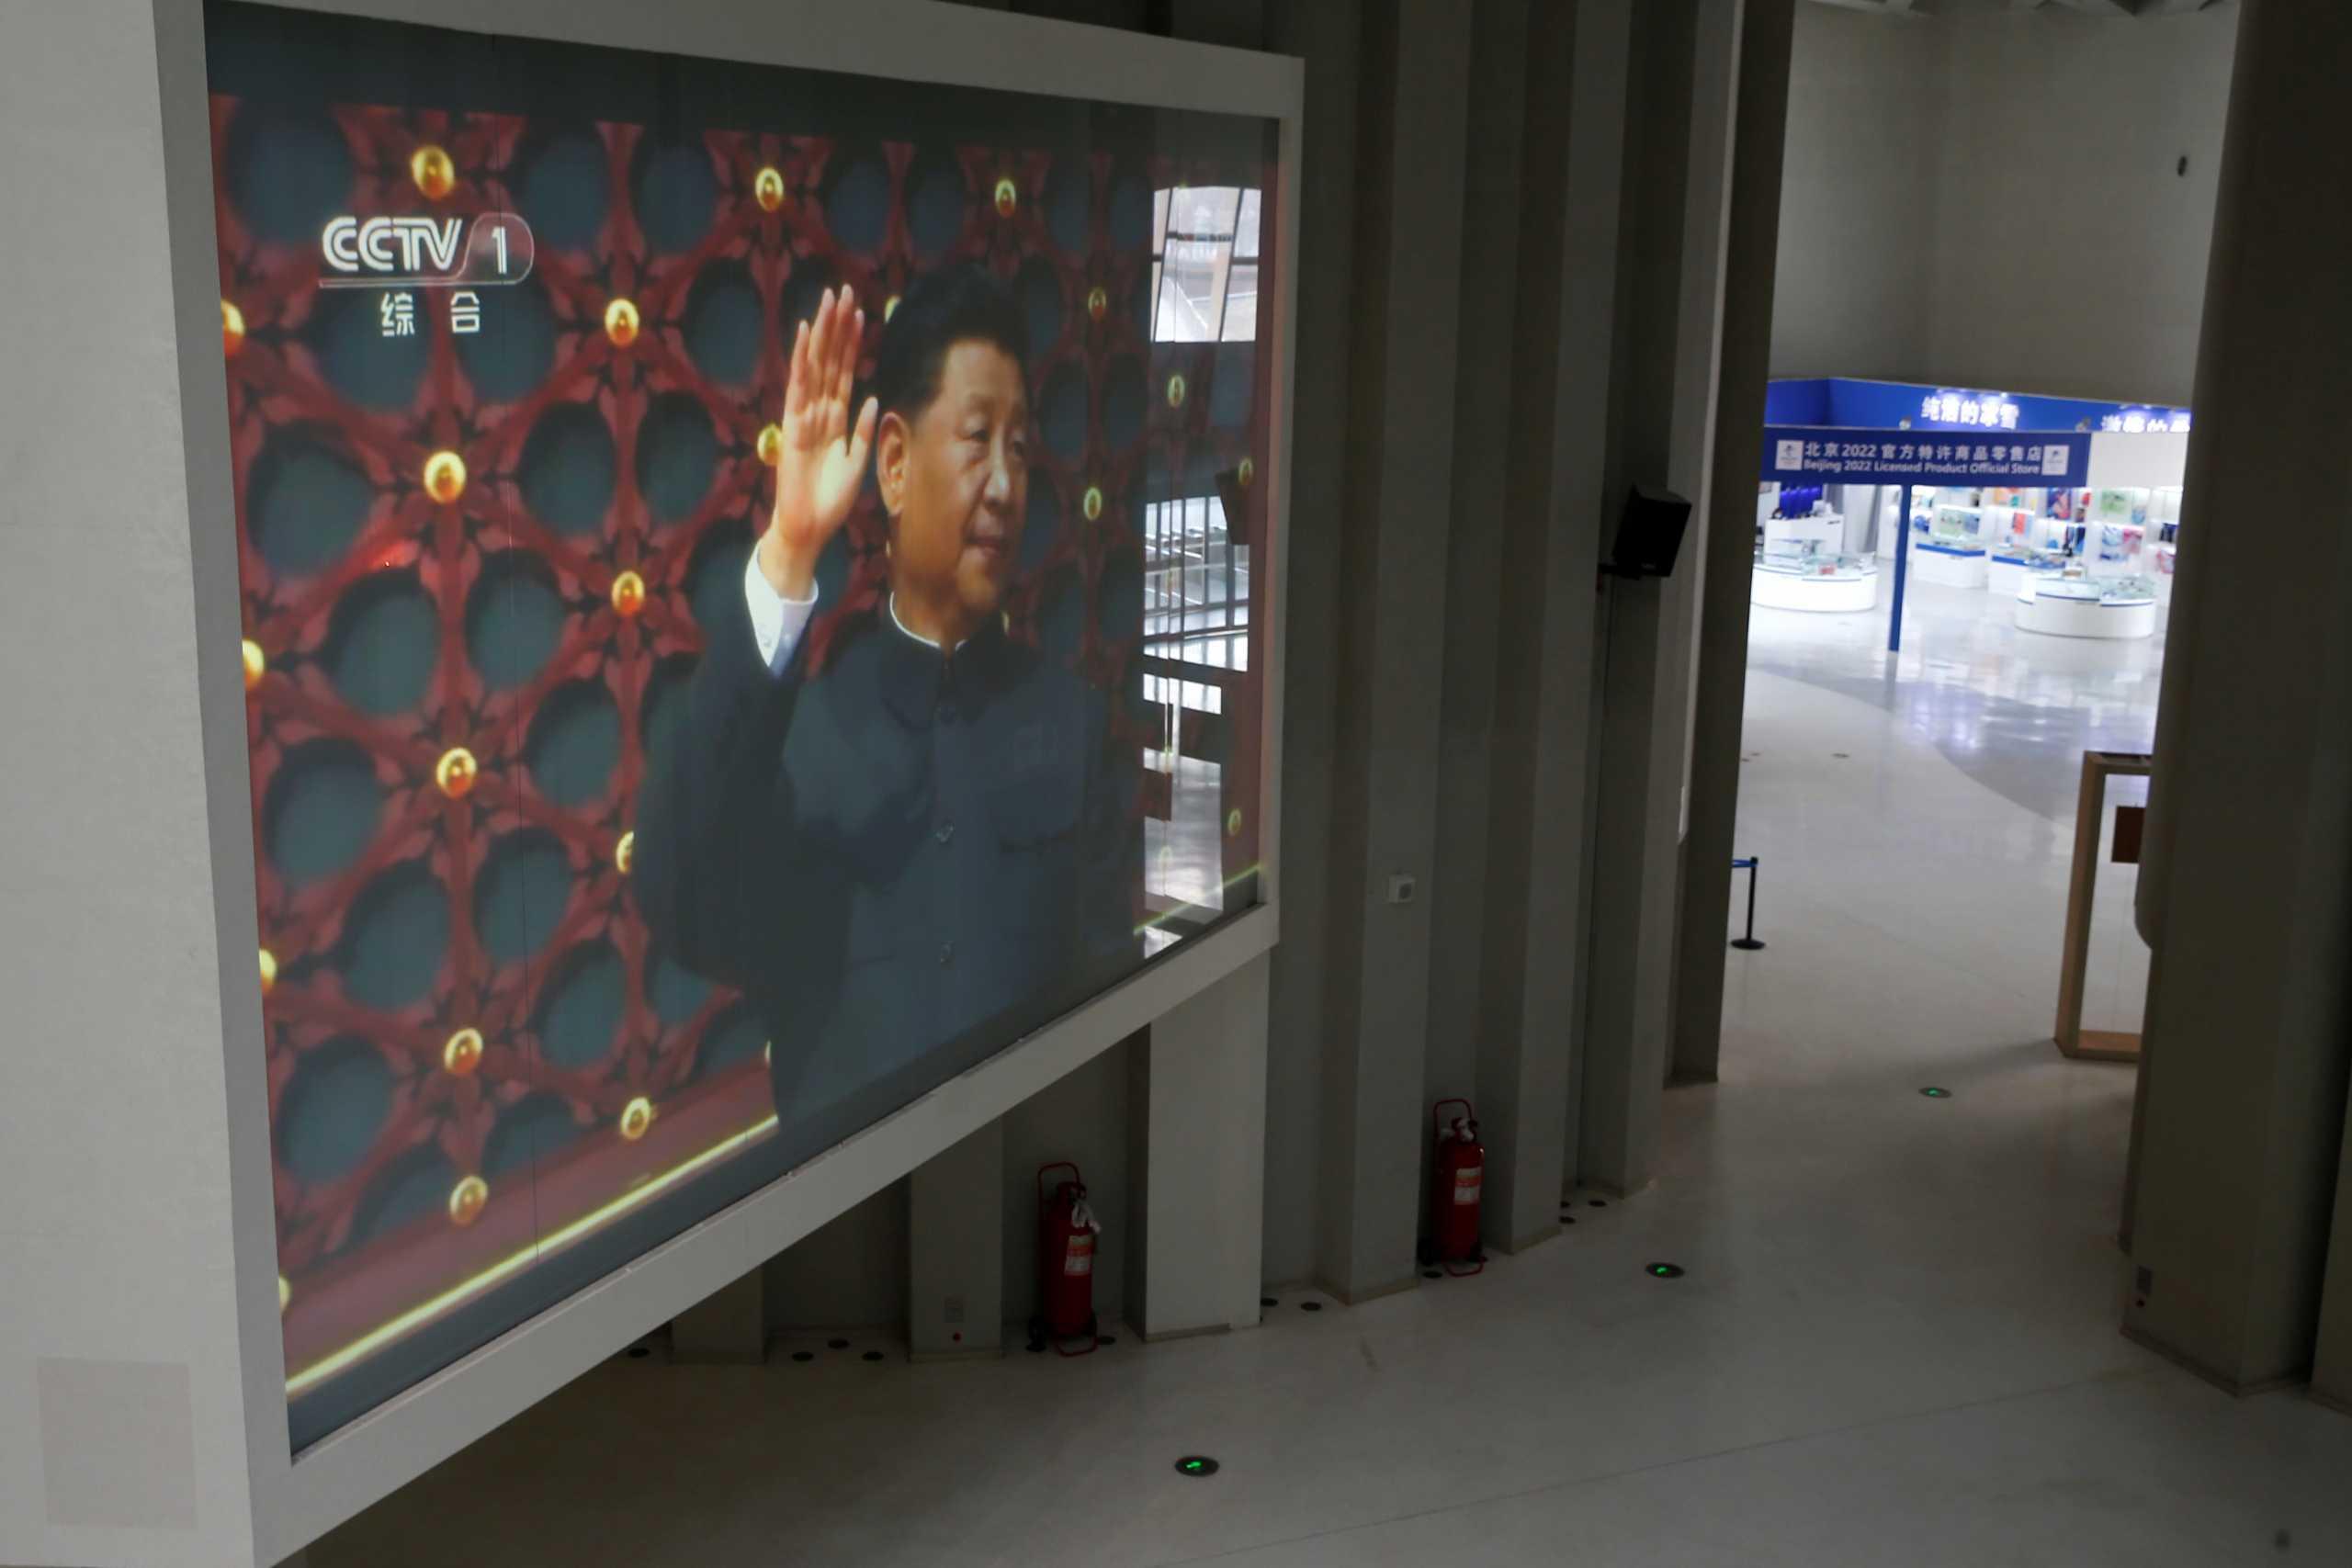 Κινέζικο κρατικό κανάλι «κόπηκε» από το Ηνωμένο Βασίλειο – Γιατί σταμάτησε να εκπέμπει